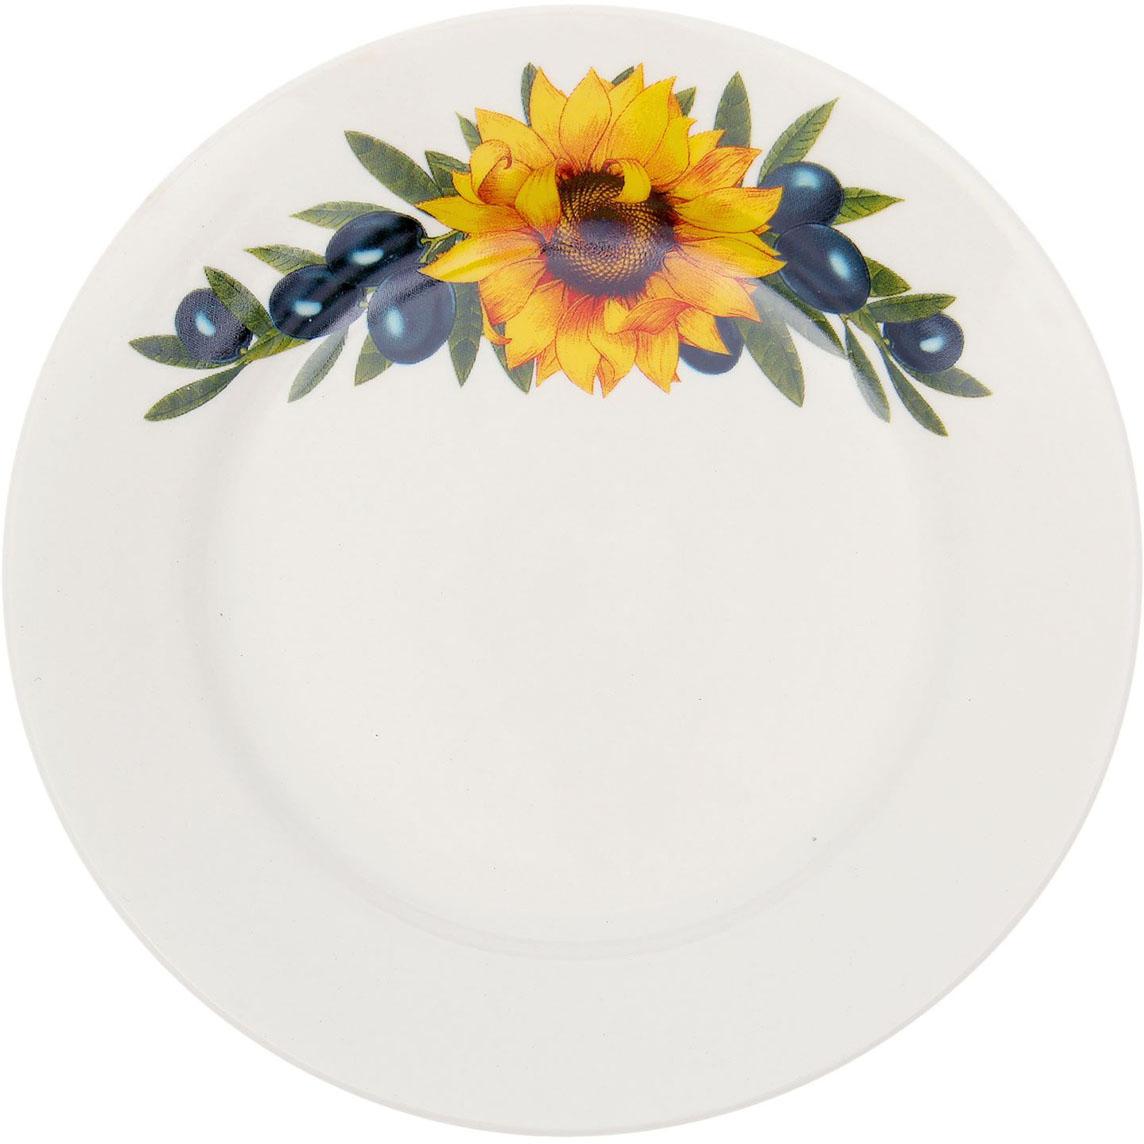 Тарелка мелкая Керамика ручной работы Оливки, диаметр 17,5 см1764841Данная тарелка понравится любителям вкусной и полезной домашней пищи. Такая посуда практична и красива, в ней можно хранить и подавать разнообразные блюда. При многократном использовании изделие сохранит свой вид и выдержит мытье в посудомоечной машине. В керамической емкости горячая пища долго сохраняет свое тепло, остуженные блюда остаются прохладными. Изделие не выделяет вредных веществ при нагревании и длительном хранении за счет экологичности материала.